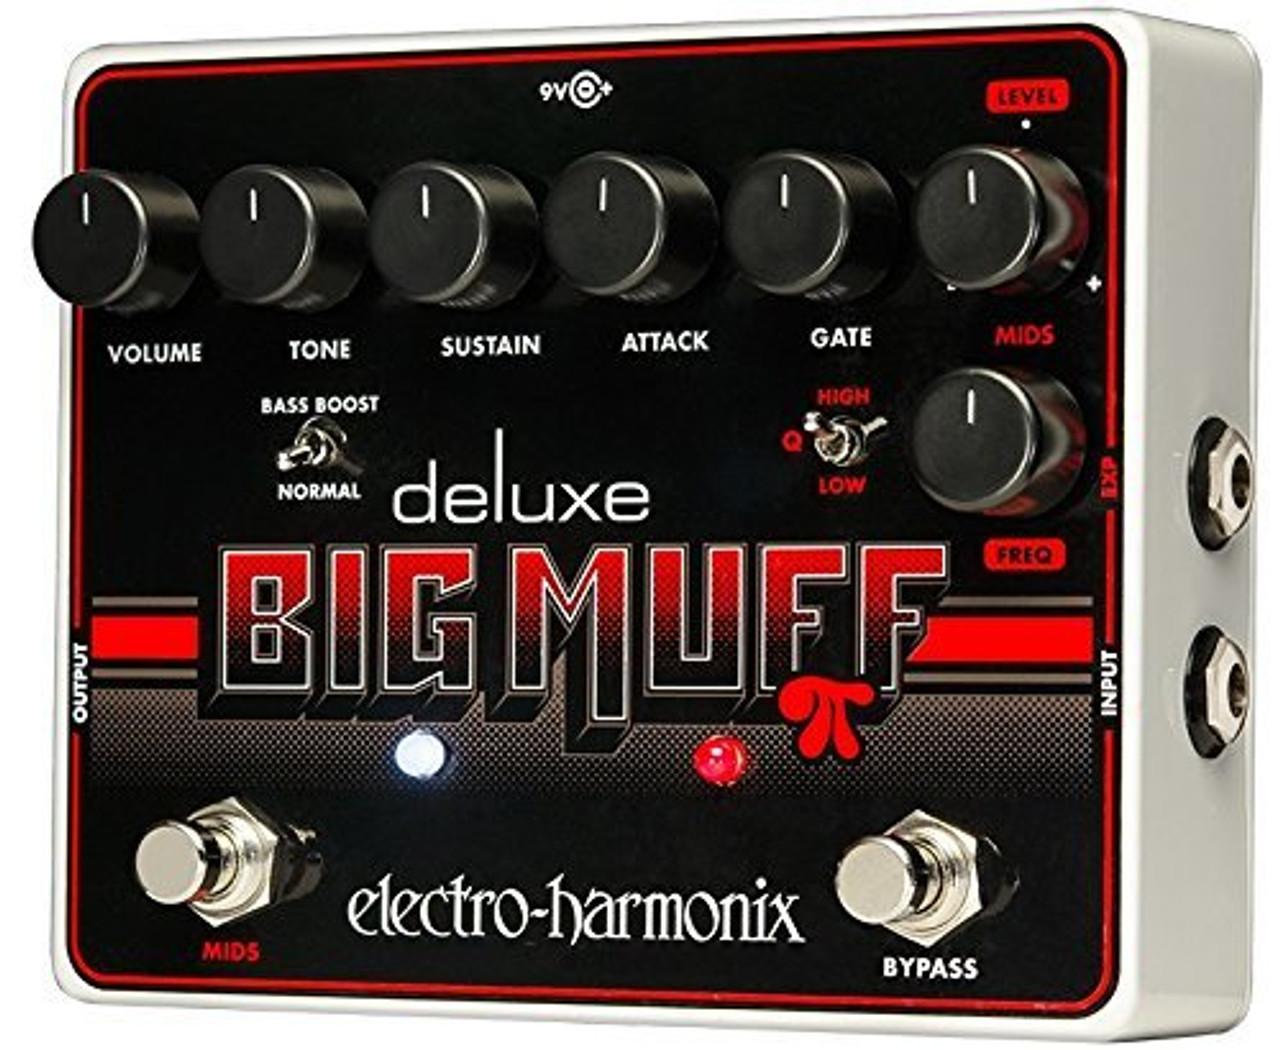 Electro Harmonix DELUXE BIG MUFF Deluxe Distortion/Sustainer, 9.6DC-200 PSU optional